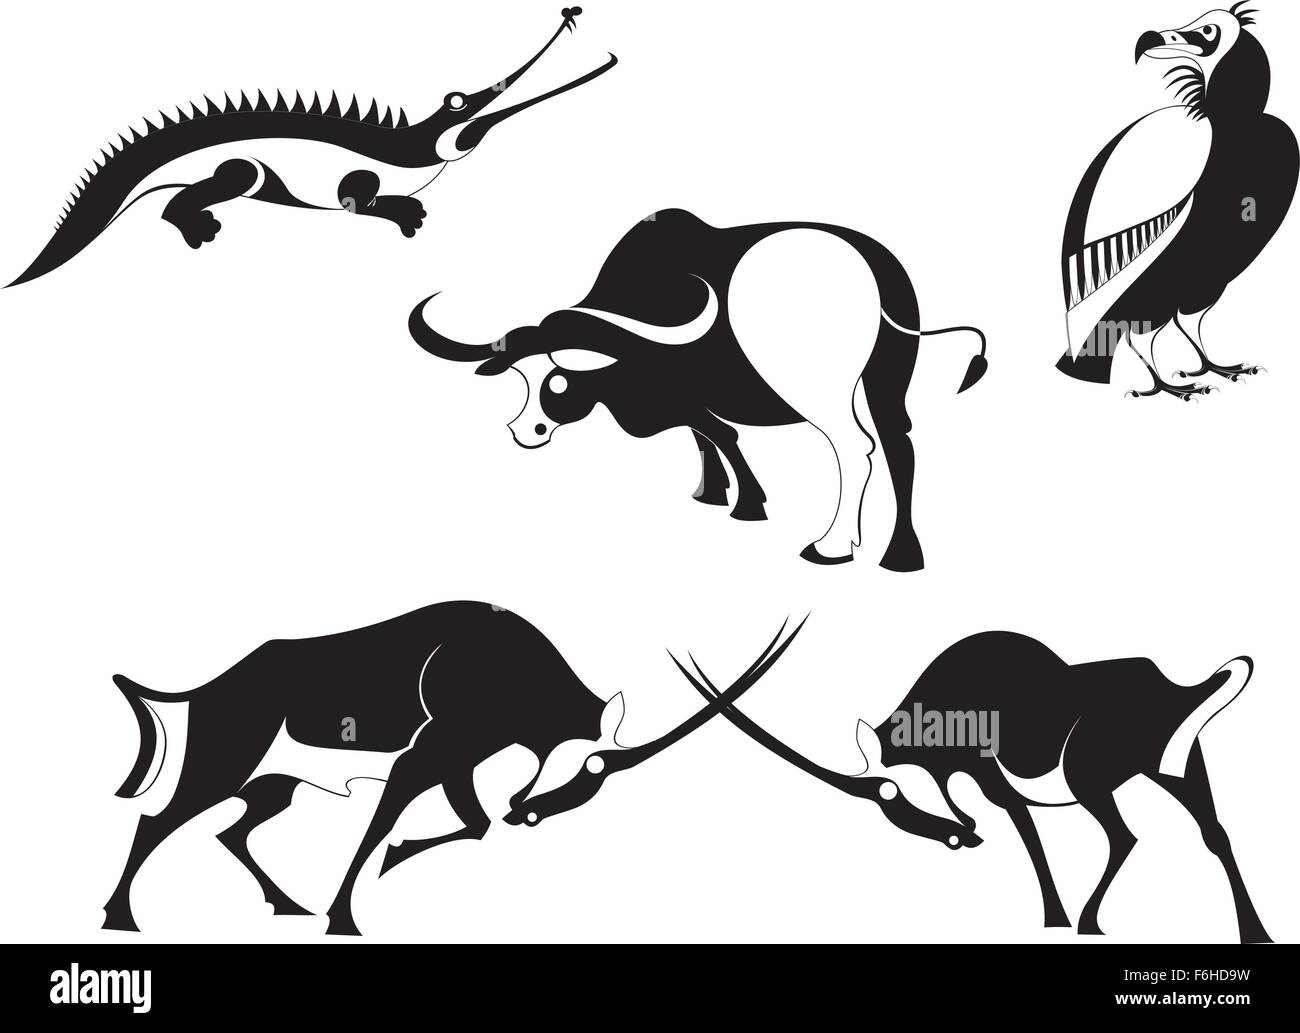 Vector original art animal silhouettes collection - Stock Vector